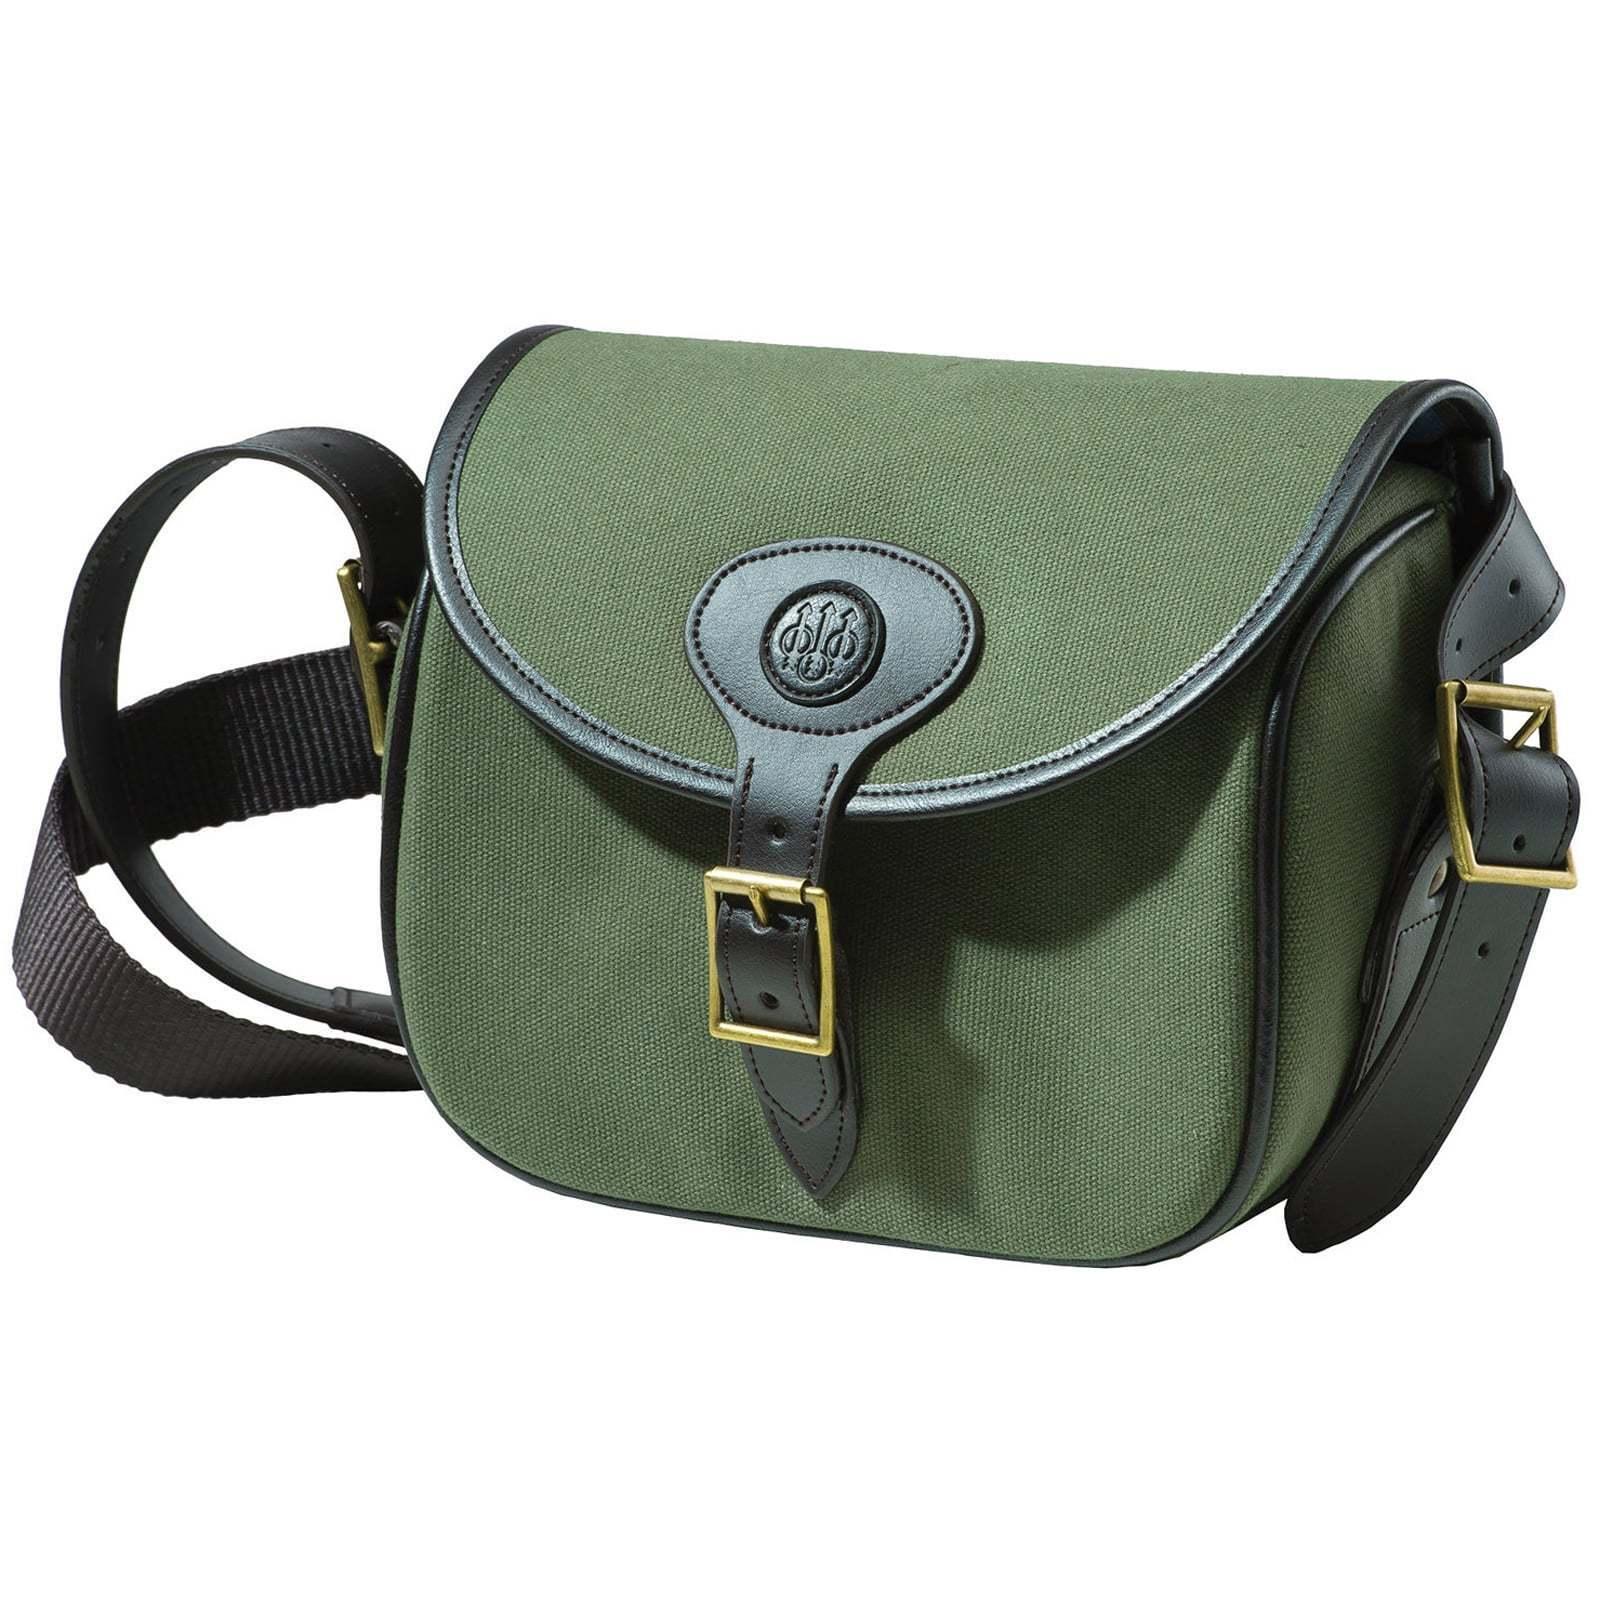 Beretta Terrain Cochetridge Bag - verde - Was .95 Now .95